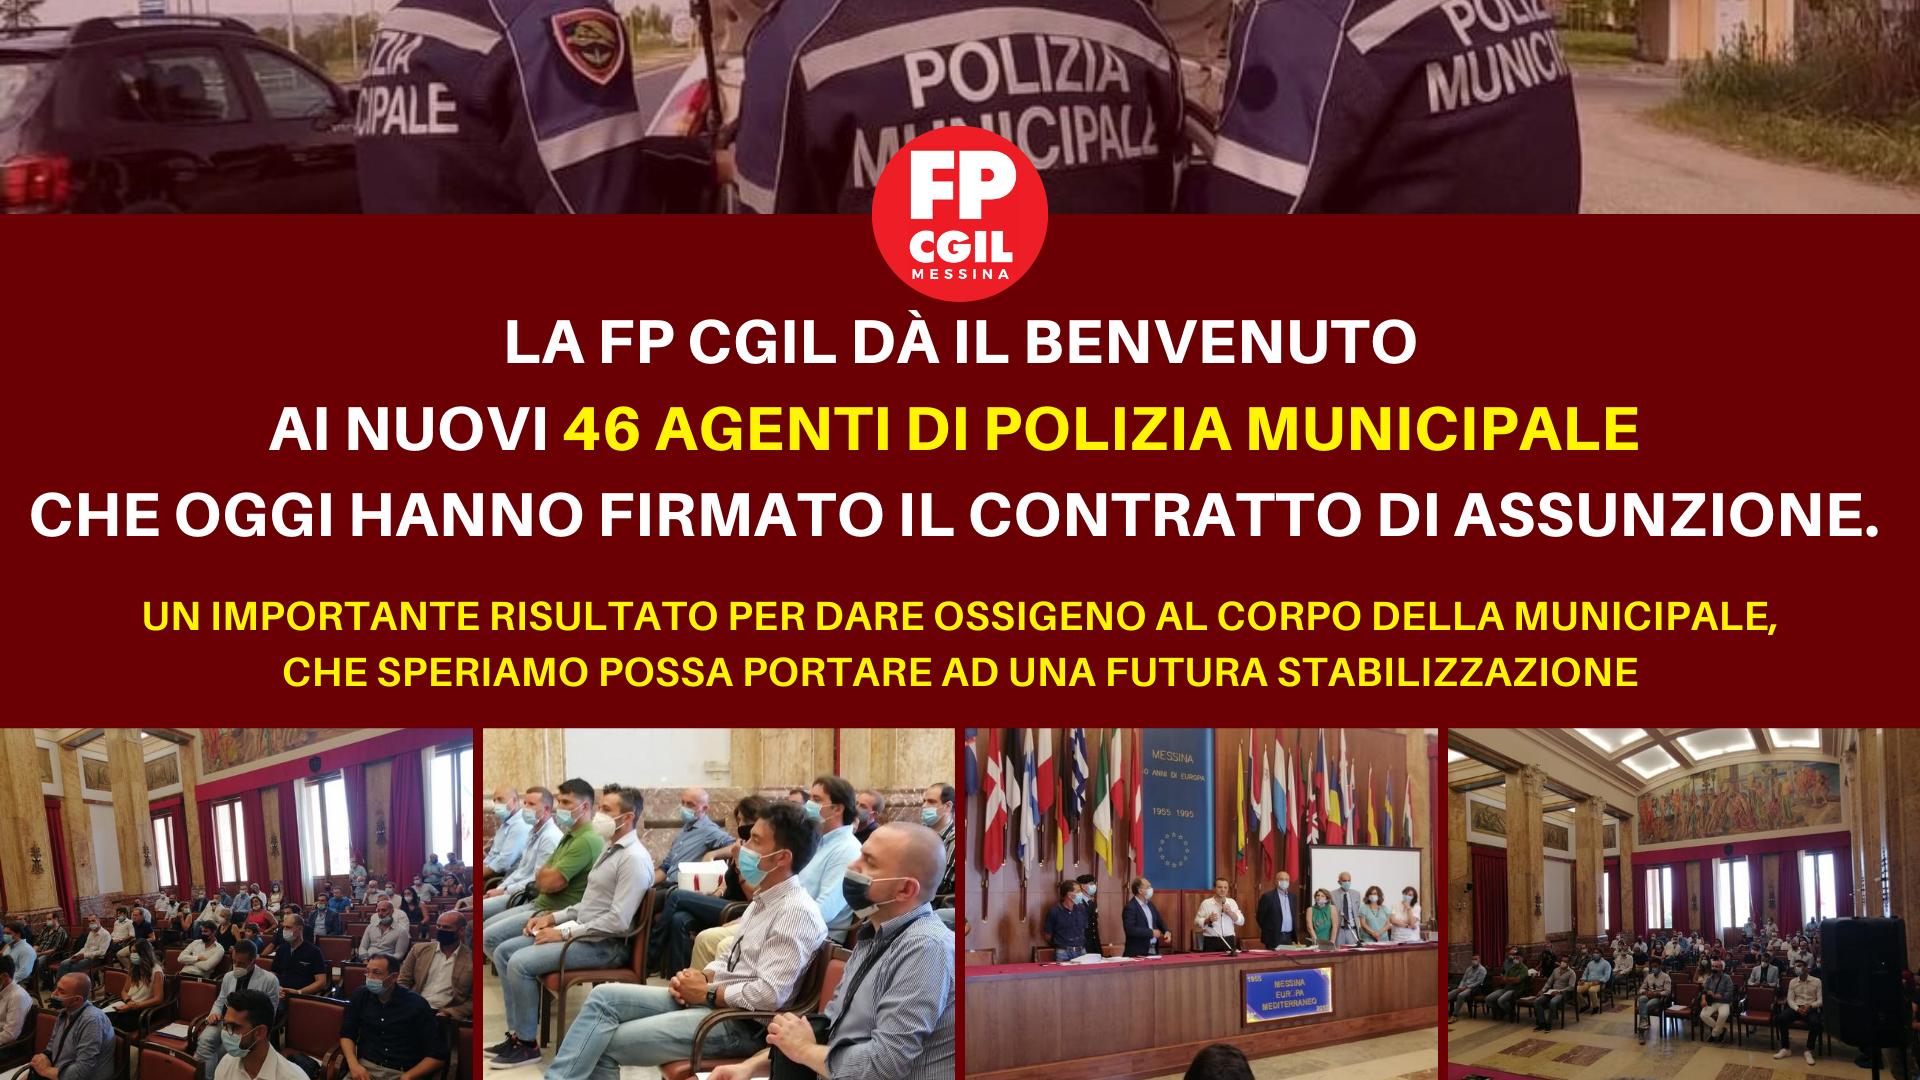 Polizia Municipale, oggi la firma dei nuovi 46 agenti. FP CGIL: «Un grande benvenuto a neo assunti che da lunedì prenderanno ufficialmente iniziando il corso di formazione»